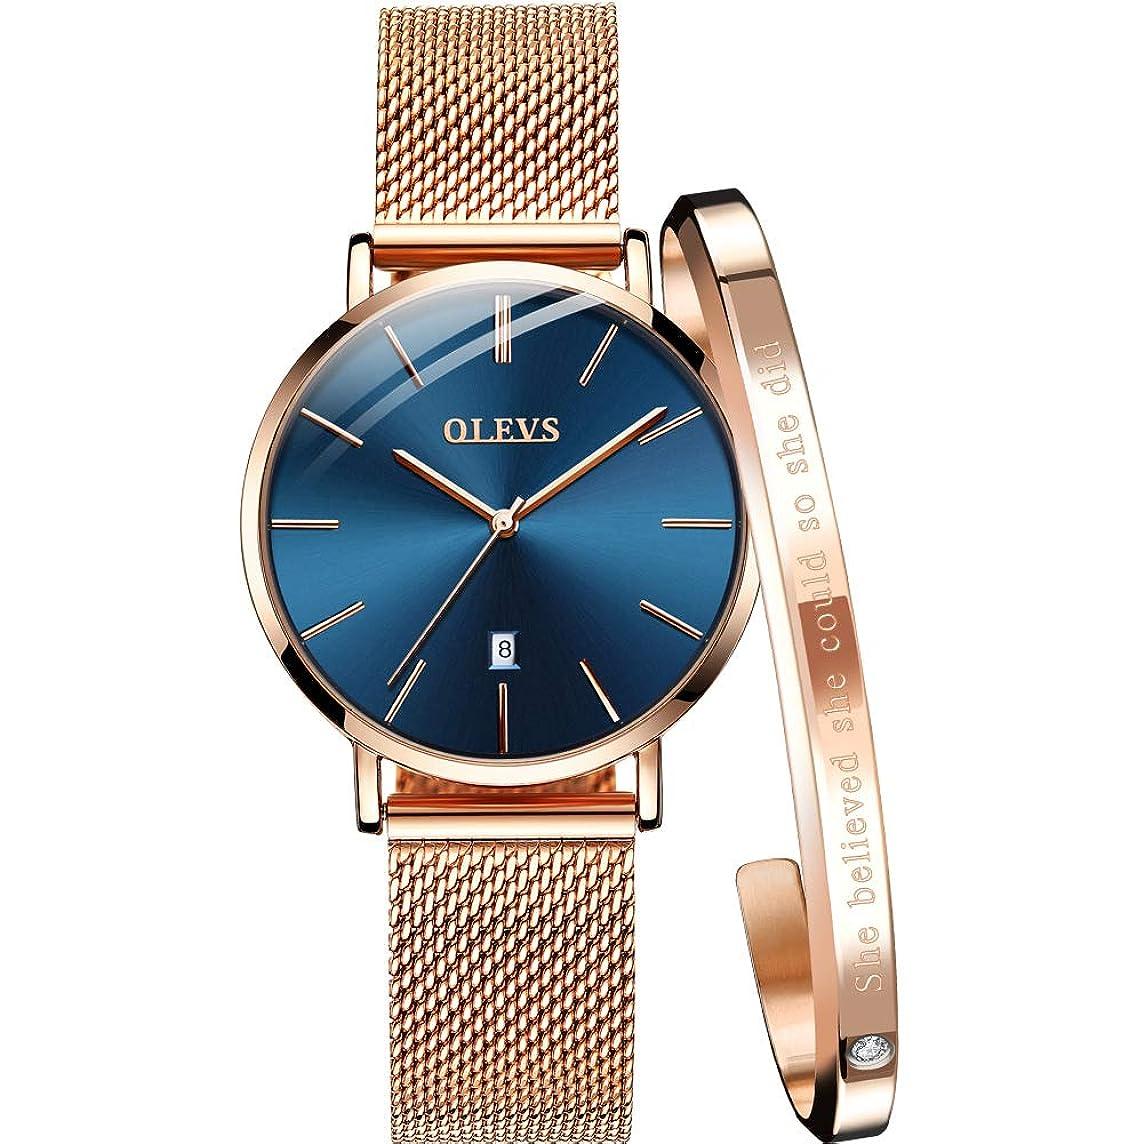 抵抗の慈悲で大惨事腕時計 ウォッチ ユニセックス メンズ レディース かっこいい かわいい スーツ に 似合う (ゴールド)